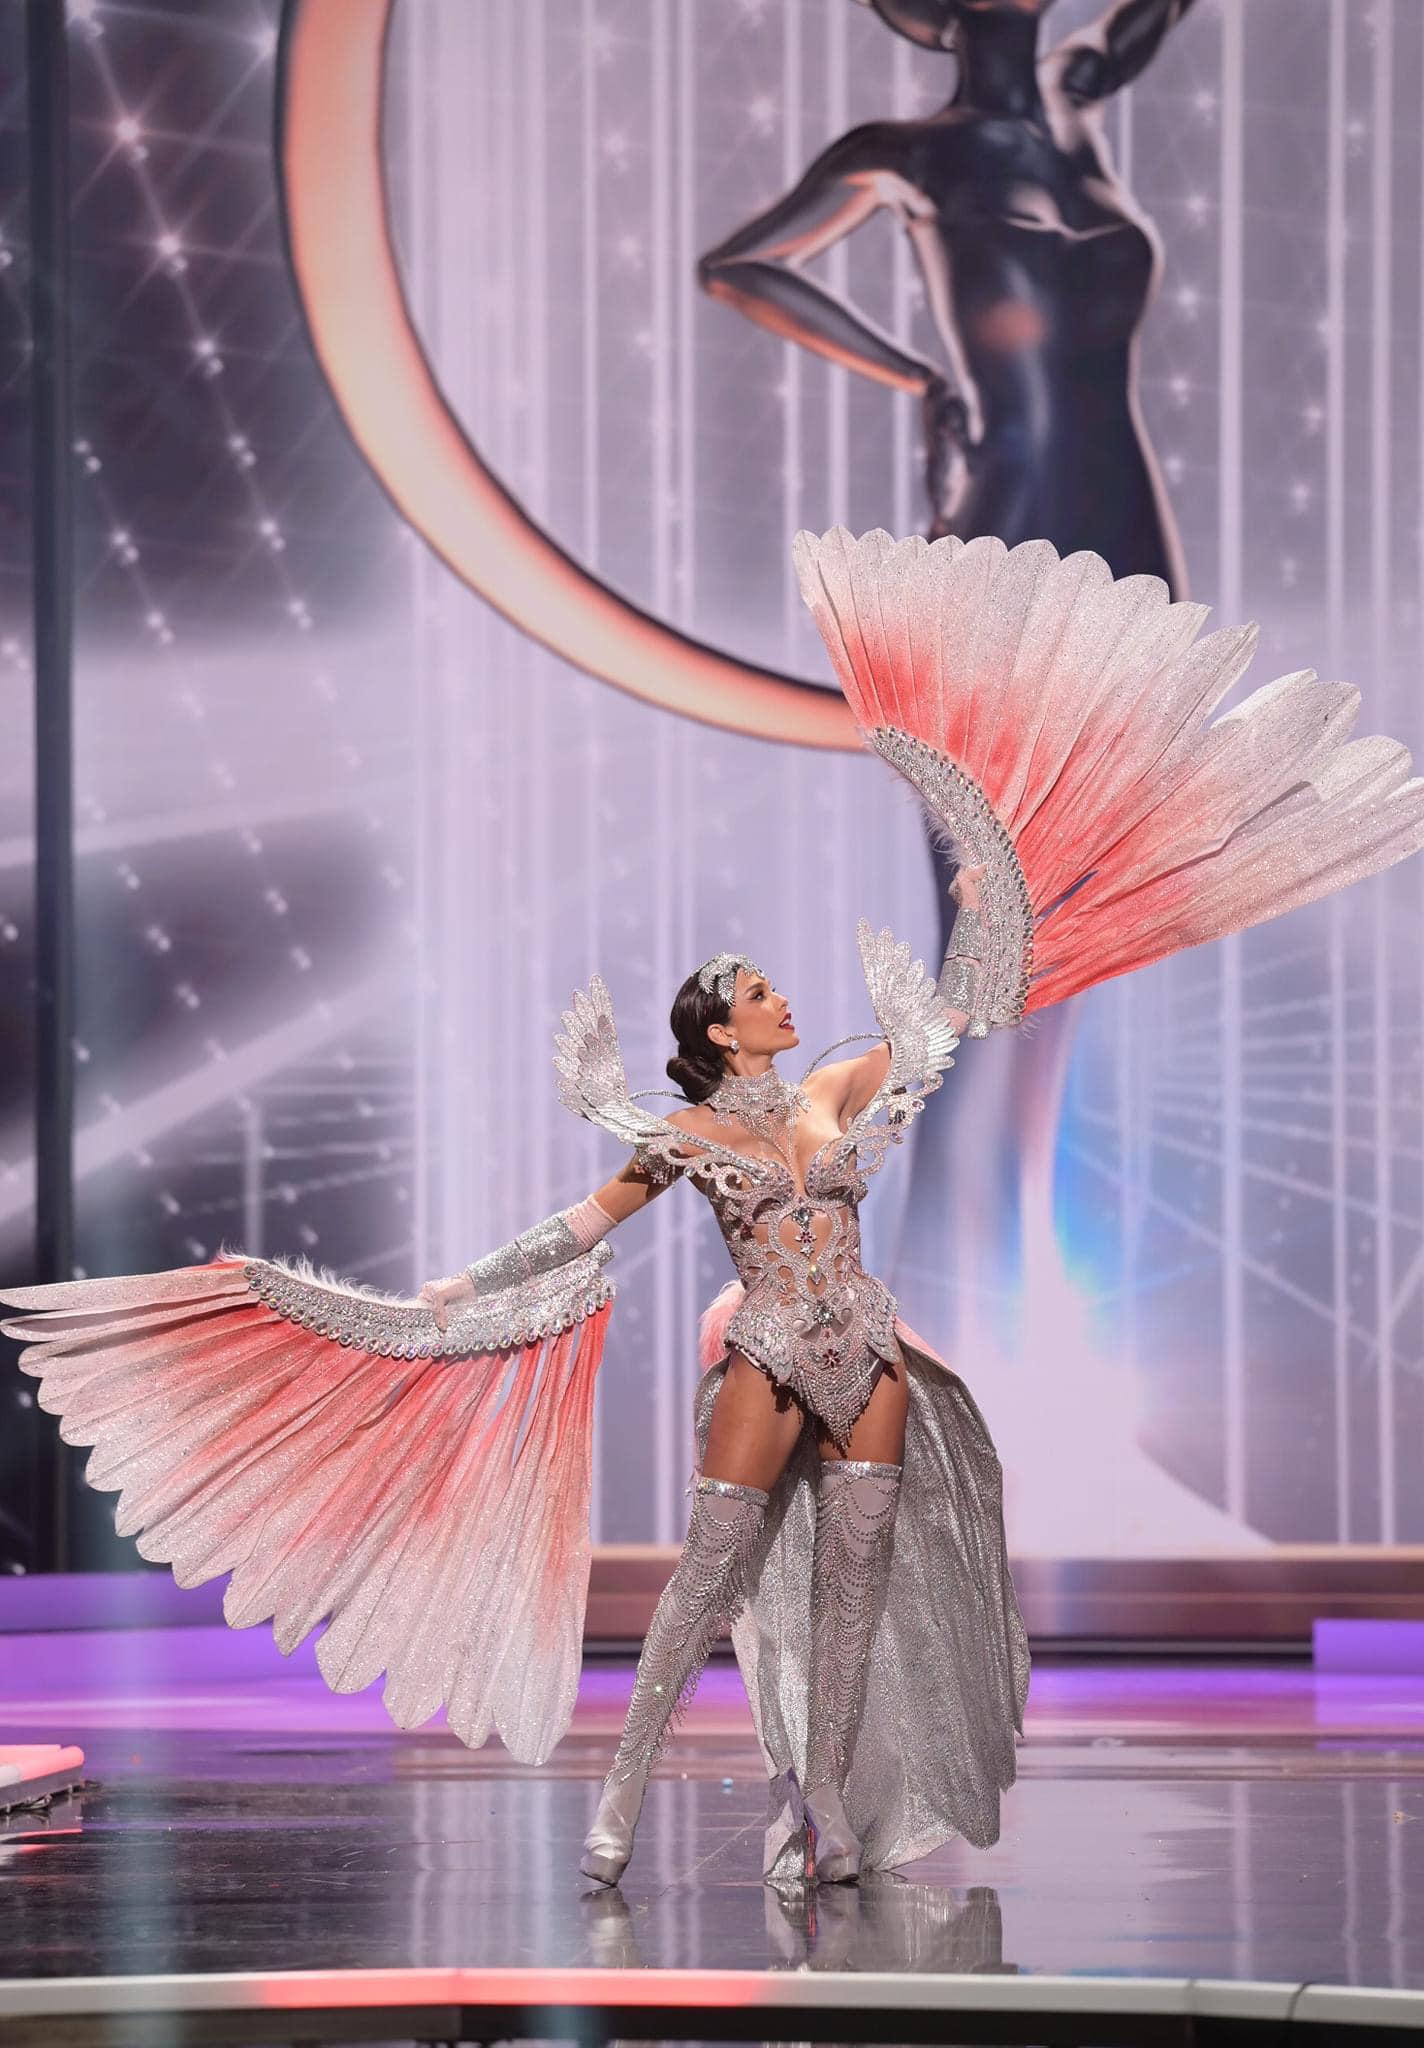 Á hậu gây nhiều tiếc nuối nhất tại Hoa hậu Hoàn vũ 2020 - Ảnh 5.